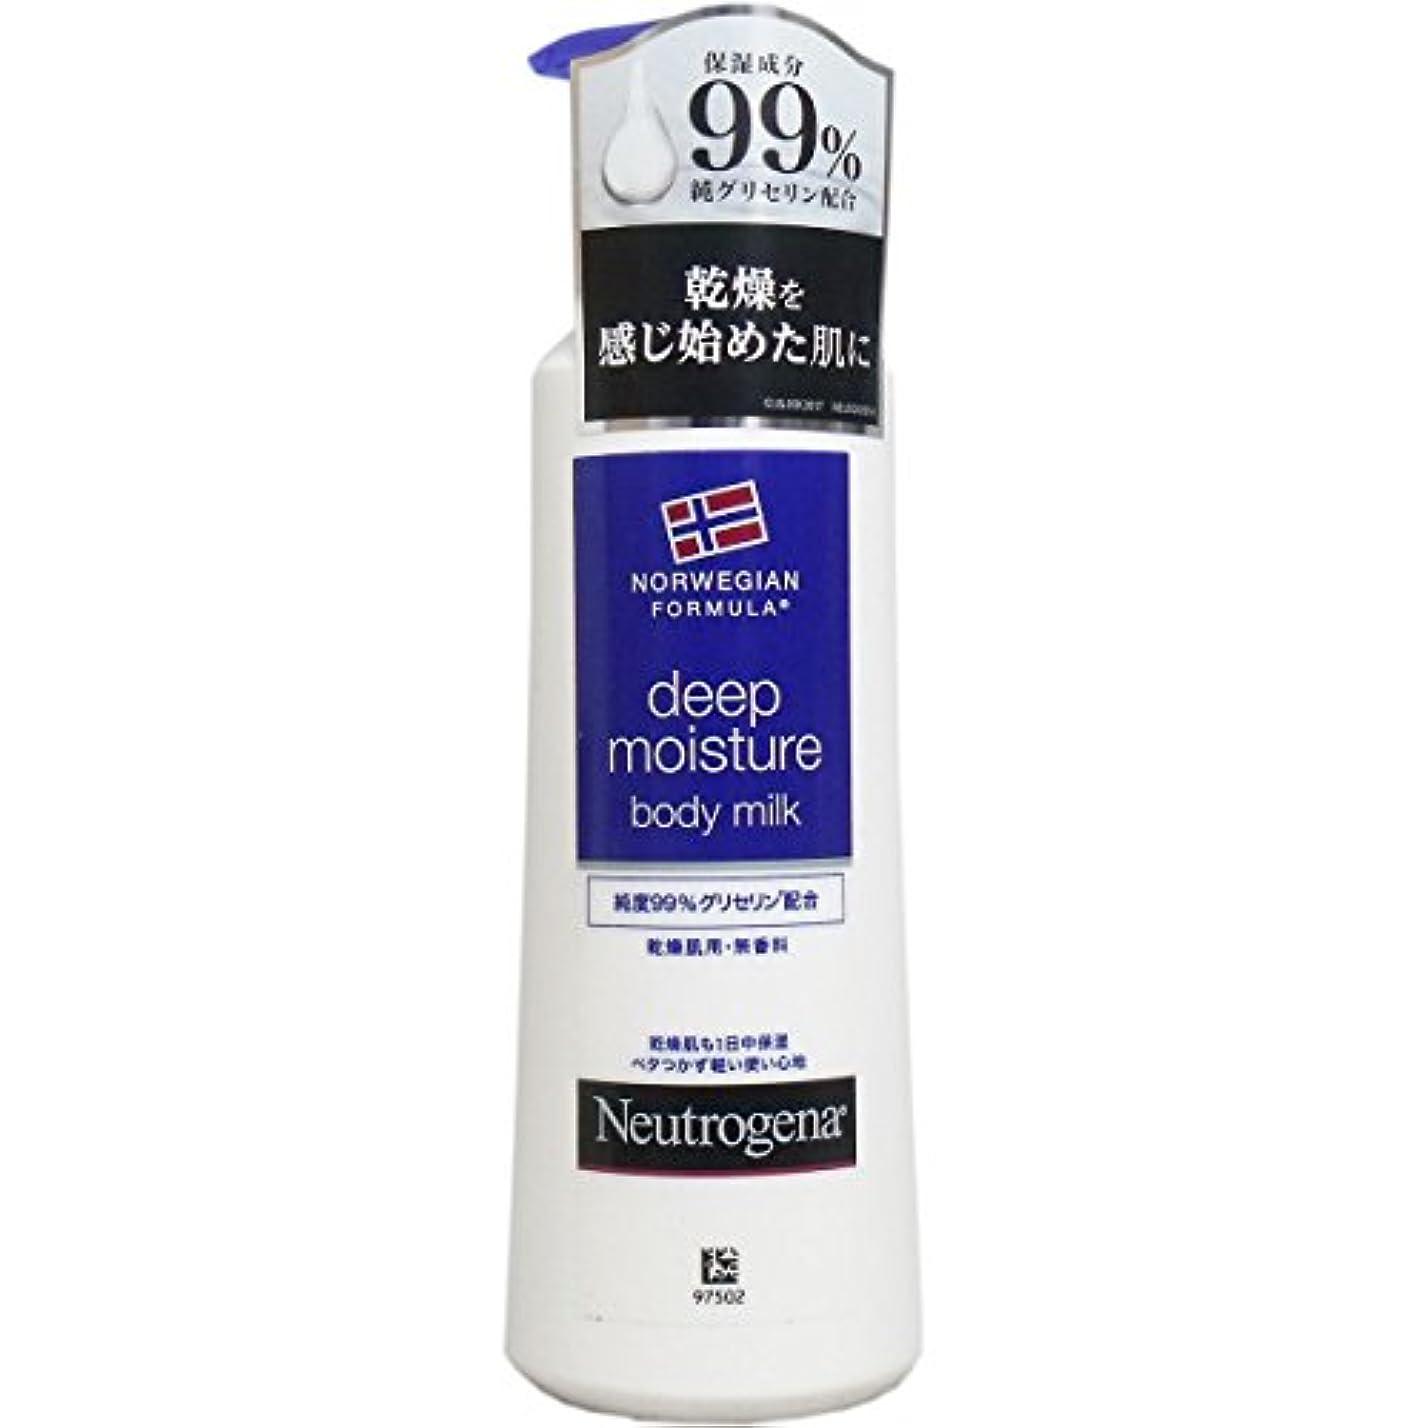 曲線限りリング【まとめ買い】Neutrogena(ニュートロジーナ) ノルウェーフォーミュラ ディープモイスチャー ボディミルク 乾燥肌用 無香料 250ml×4個